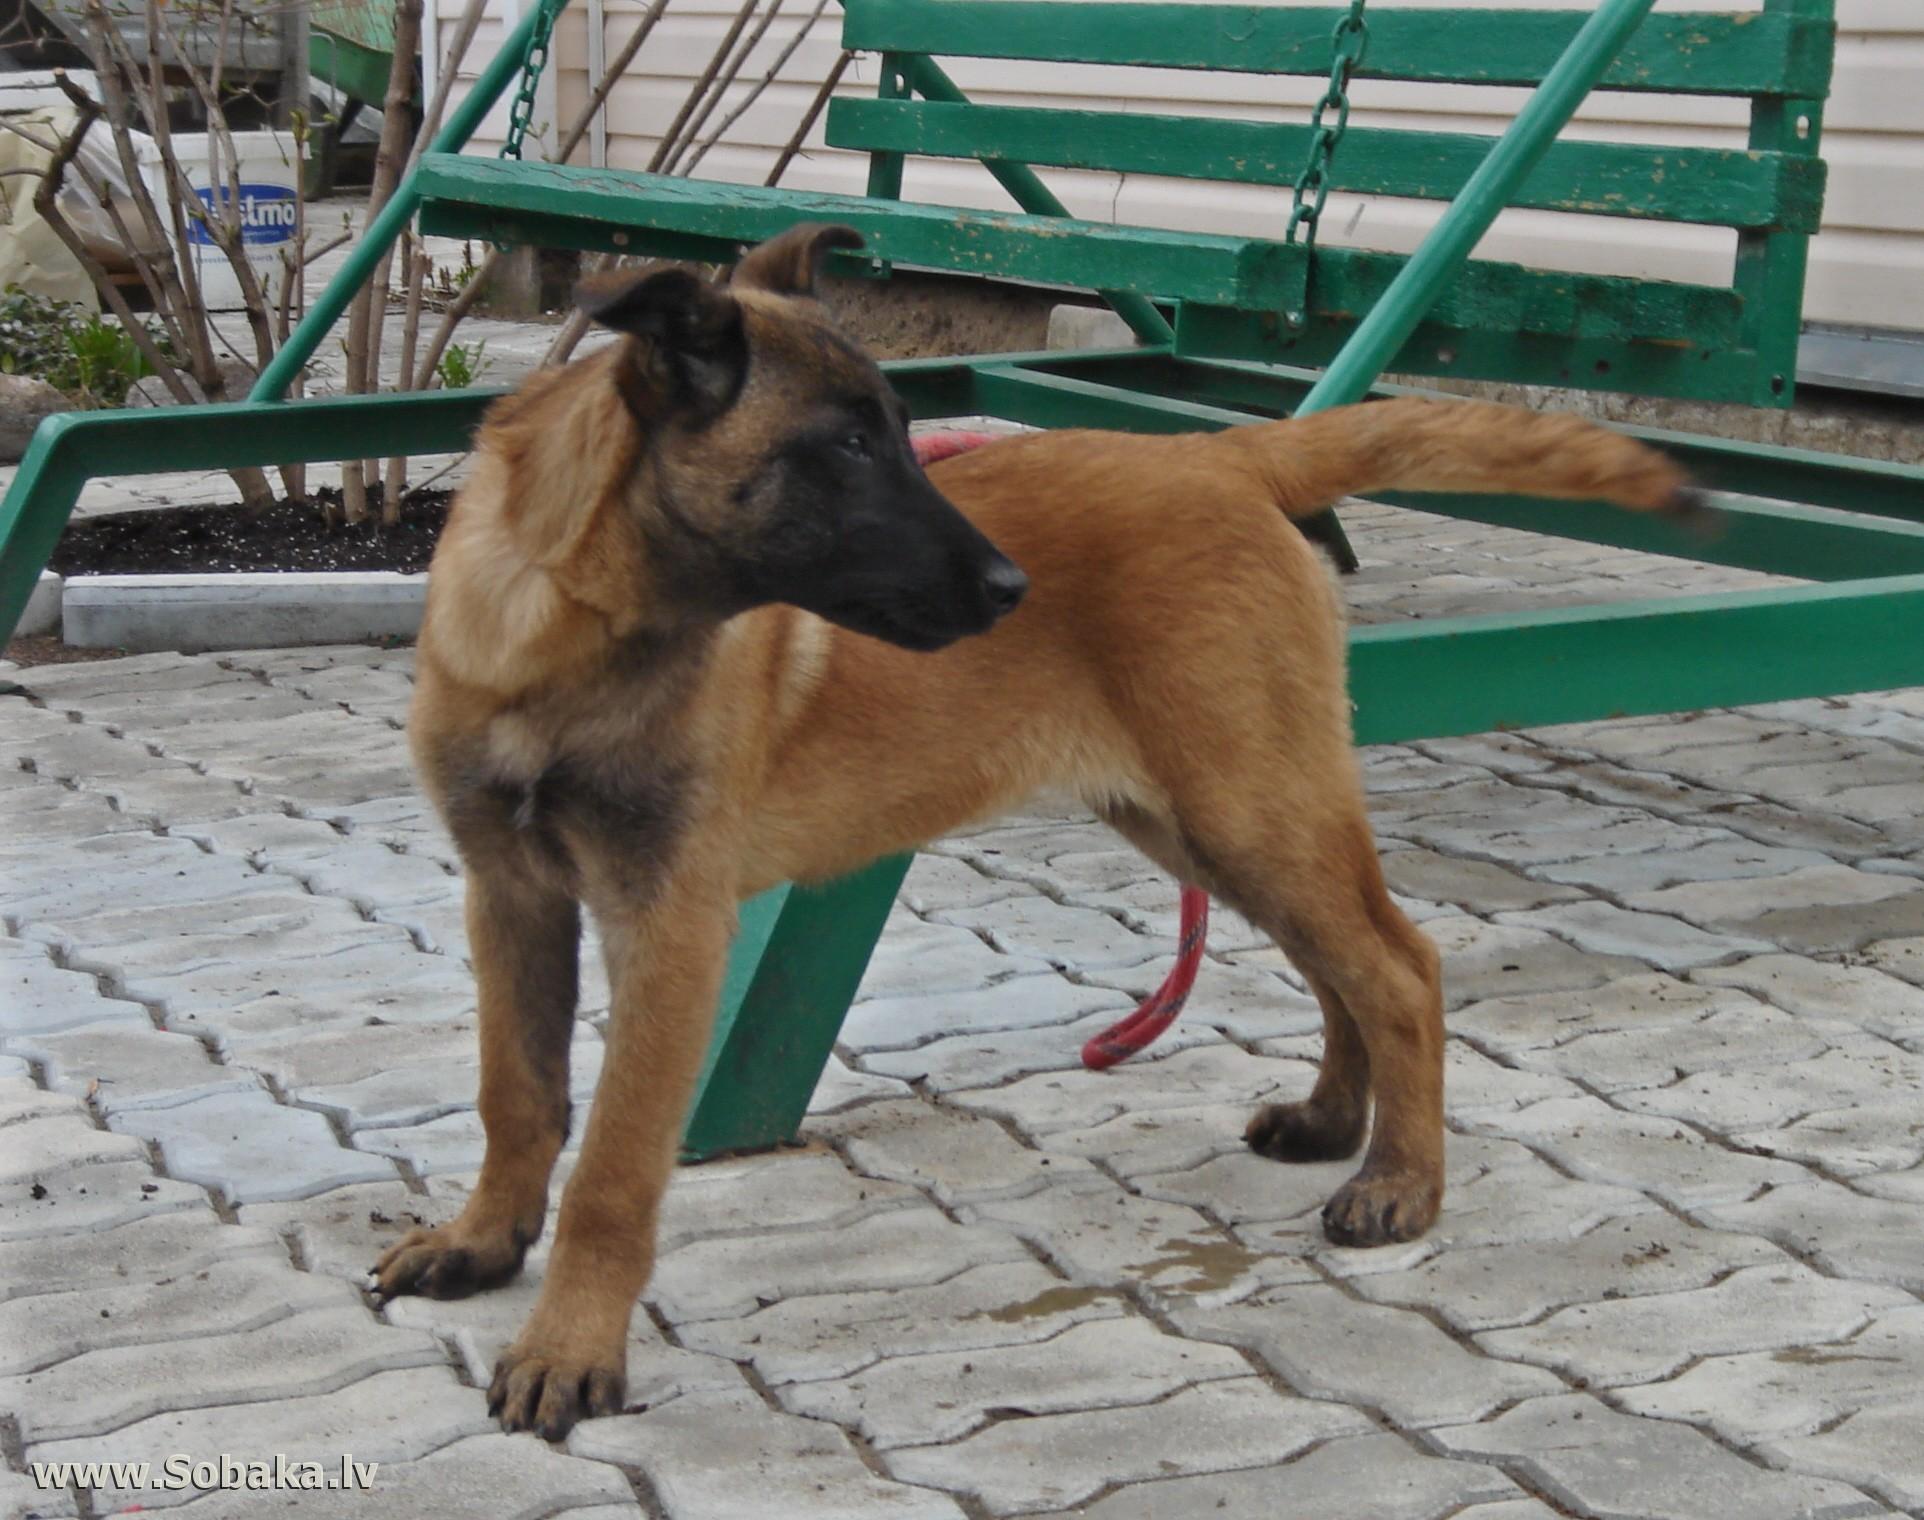 Фотографии животных и растений - Фотографии собак/щенок Малинуа.